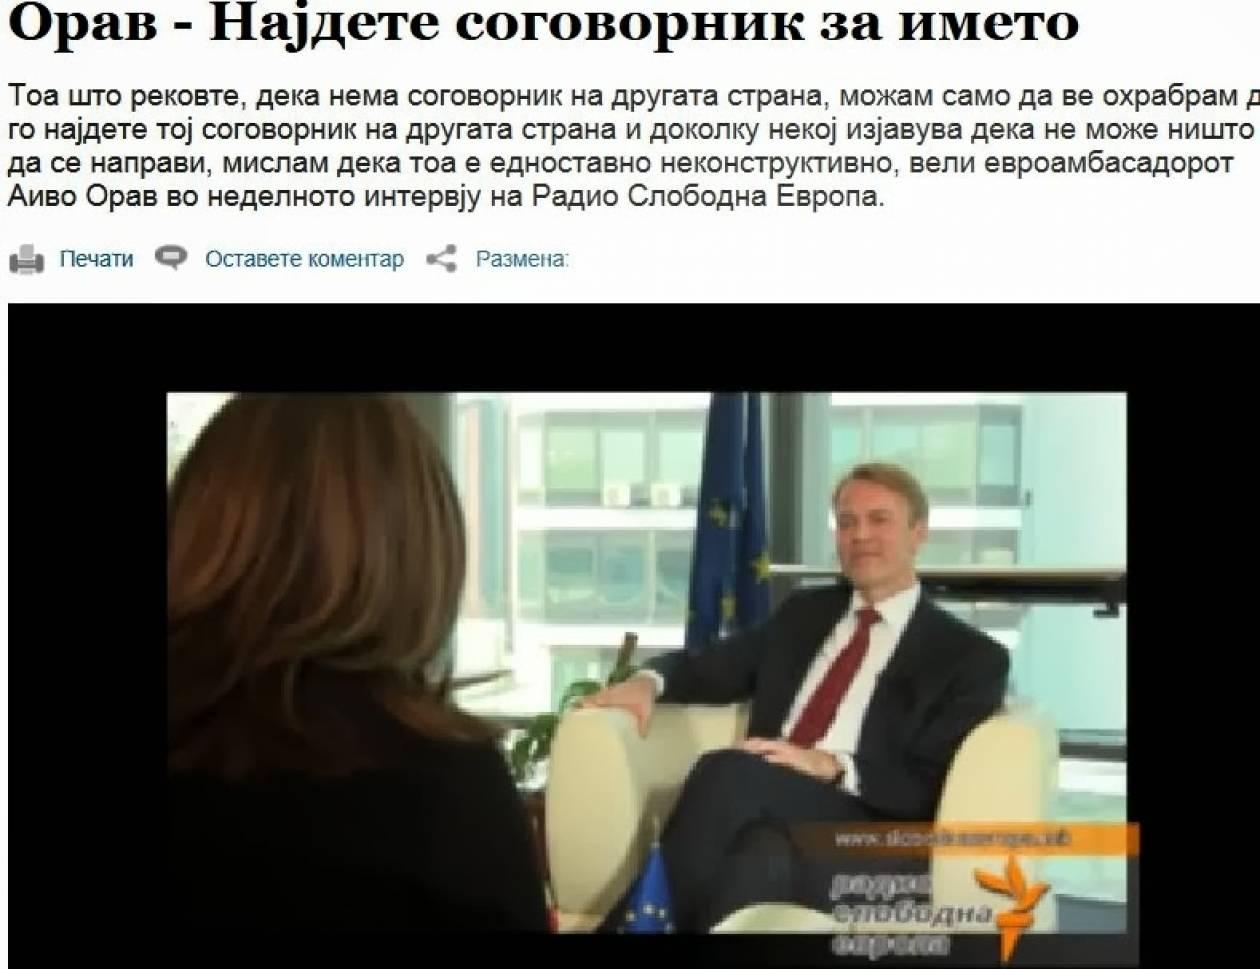 Πρέσβης ΕΕ στα Σκόπια: «Δεν υπάρχει συνομιλητής από την άλλη πλευρά»